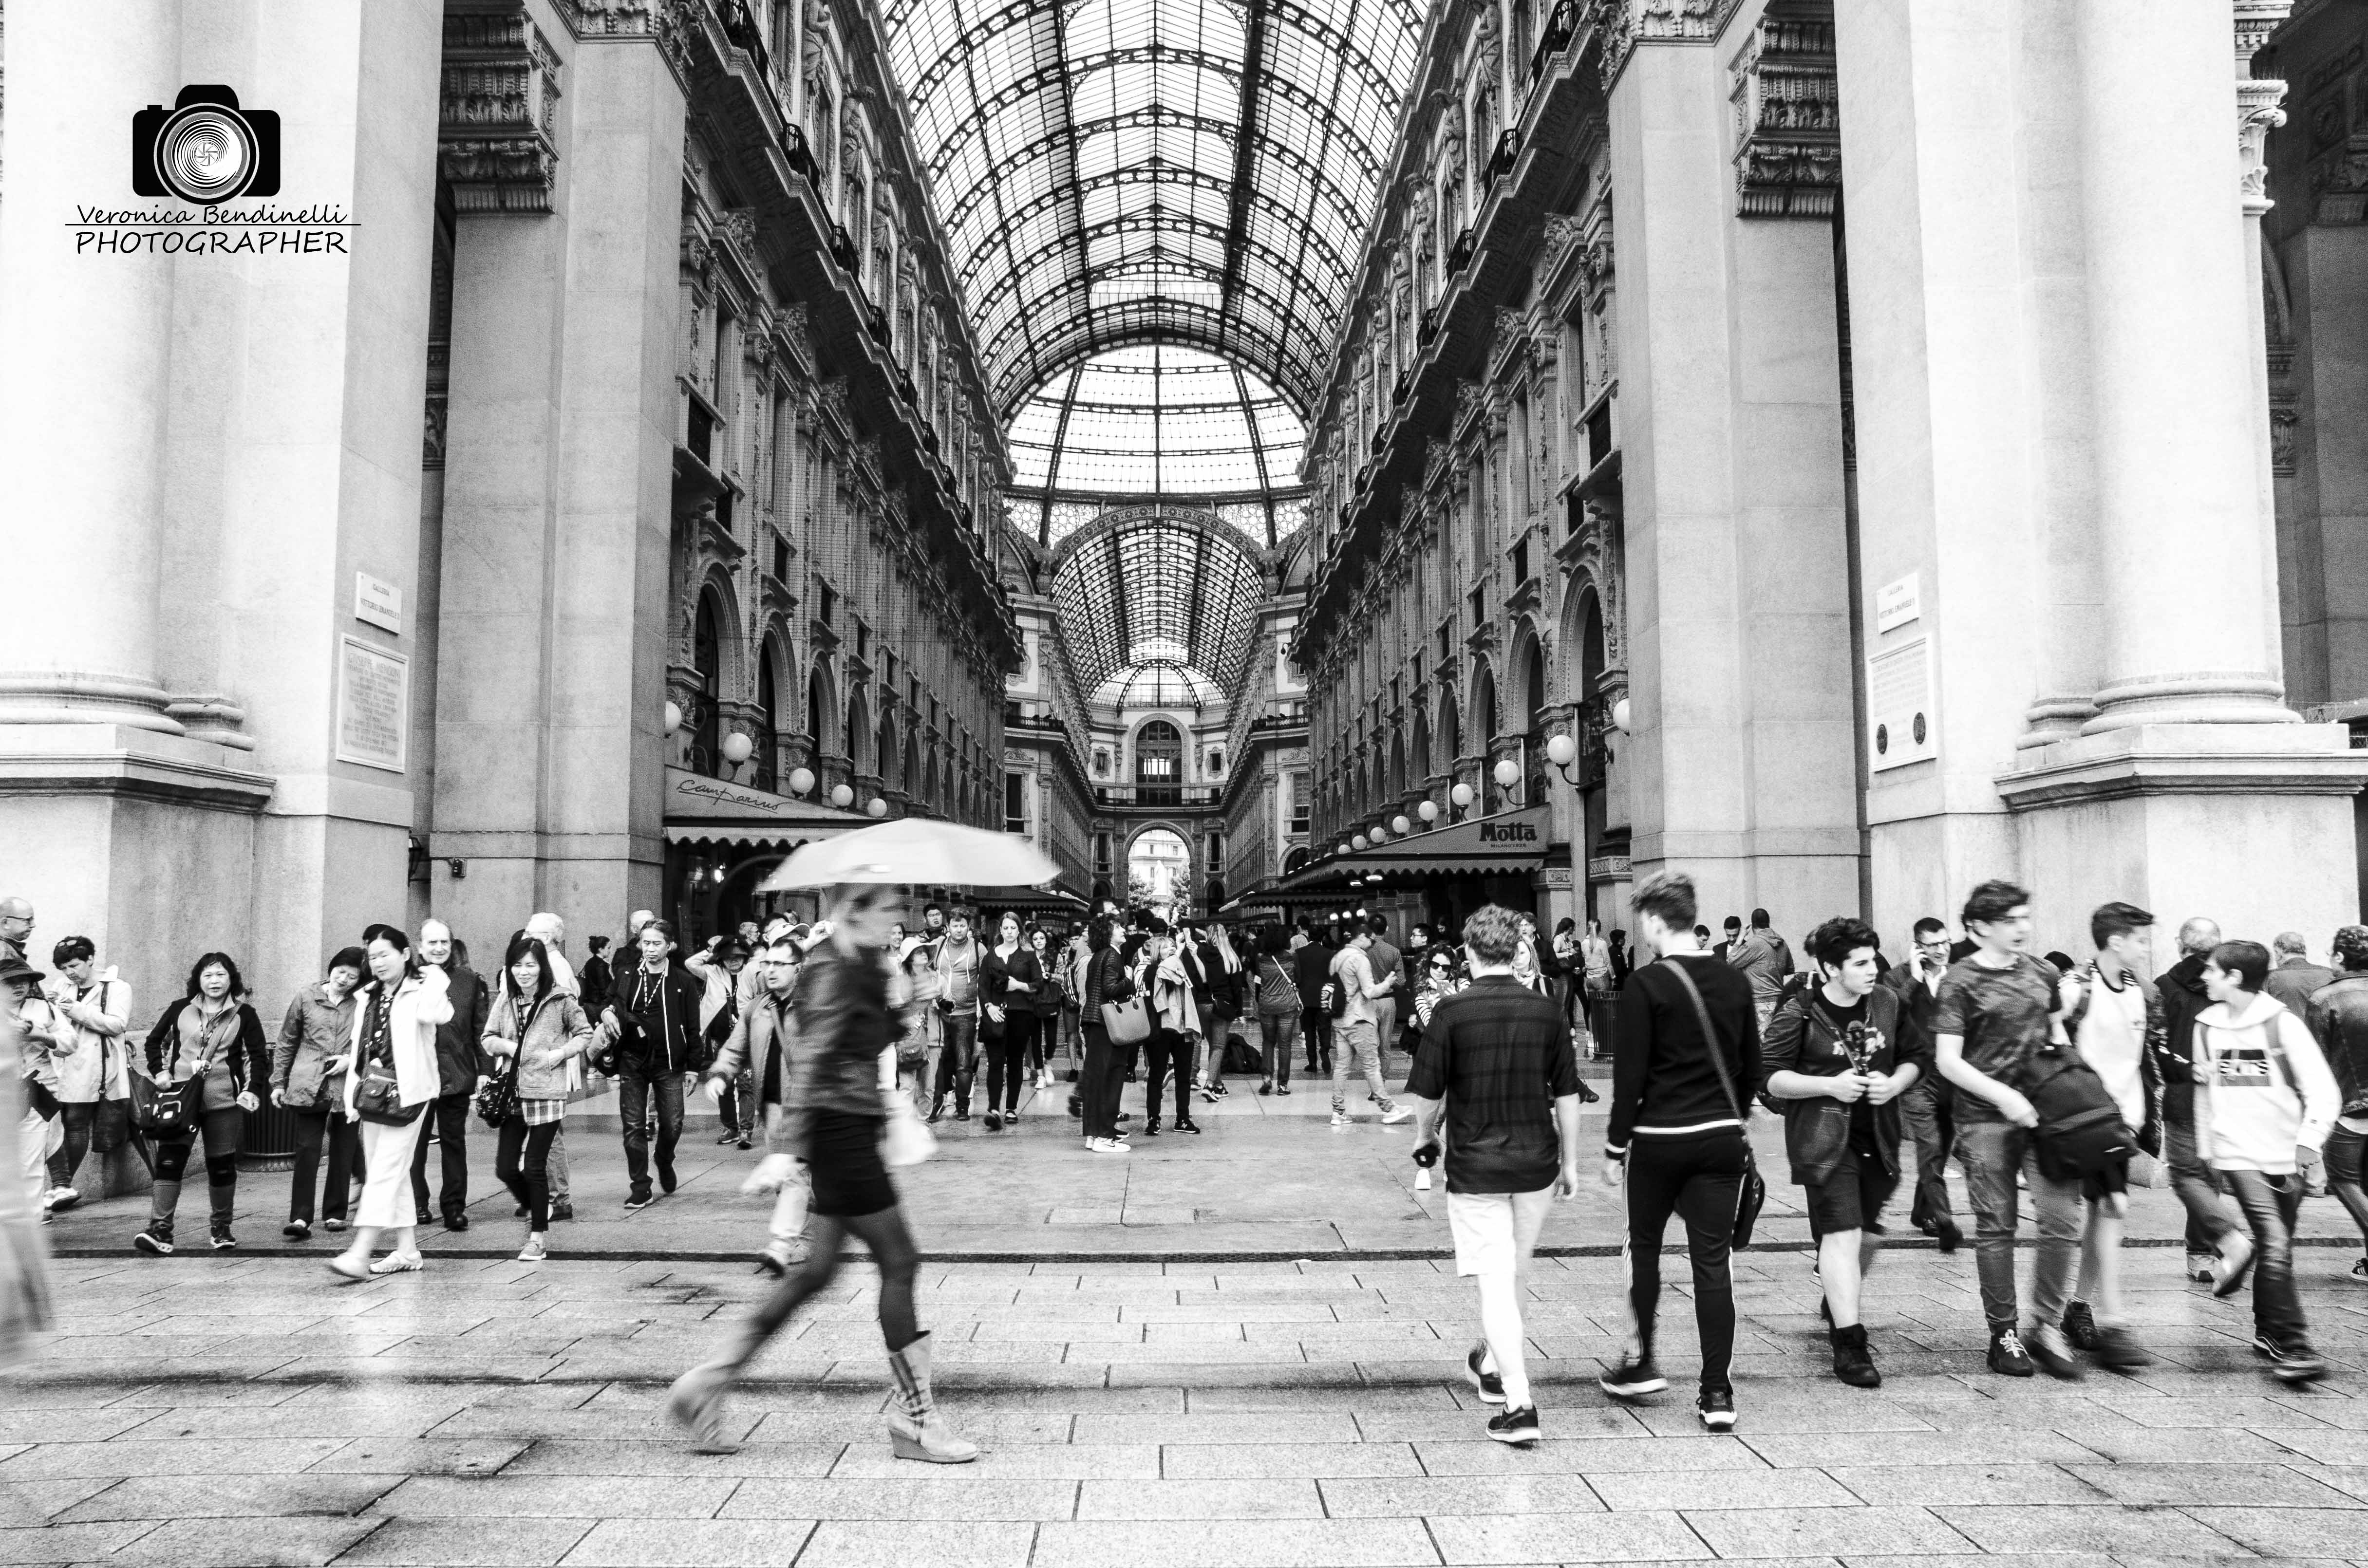 Street: la fretta, fotografia di Veronica Bendinelli